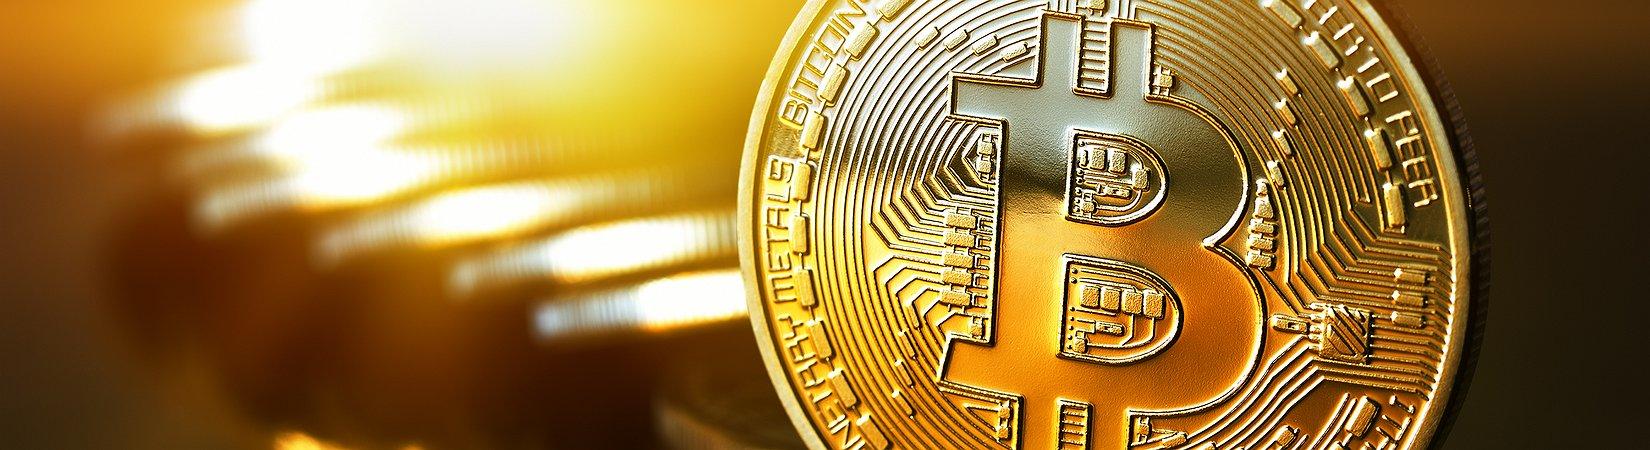 Bitcoin - el nuevo oro